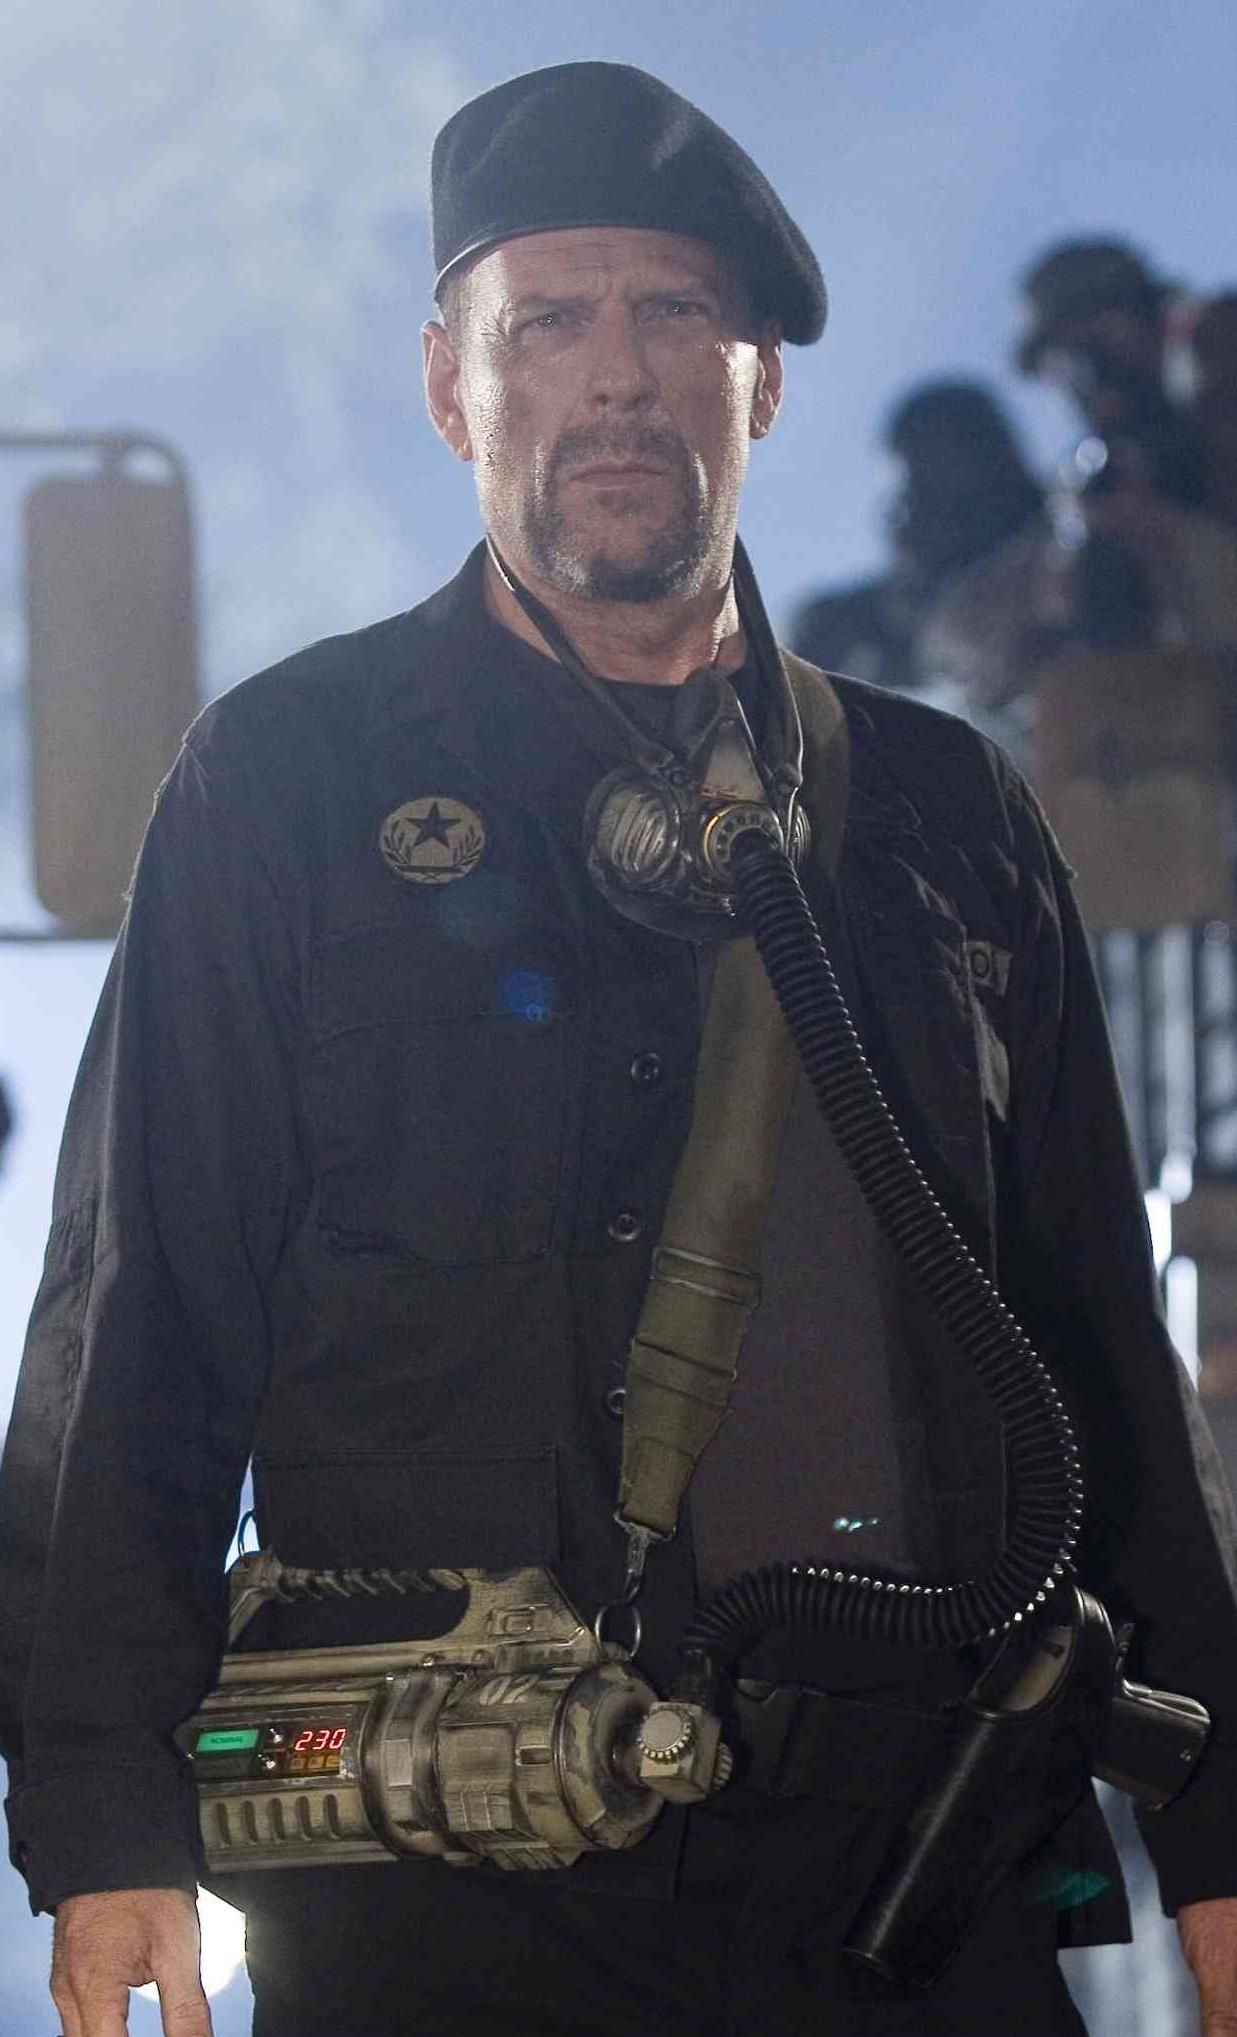 Lt. Muldoon